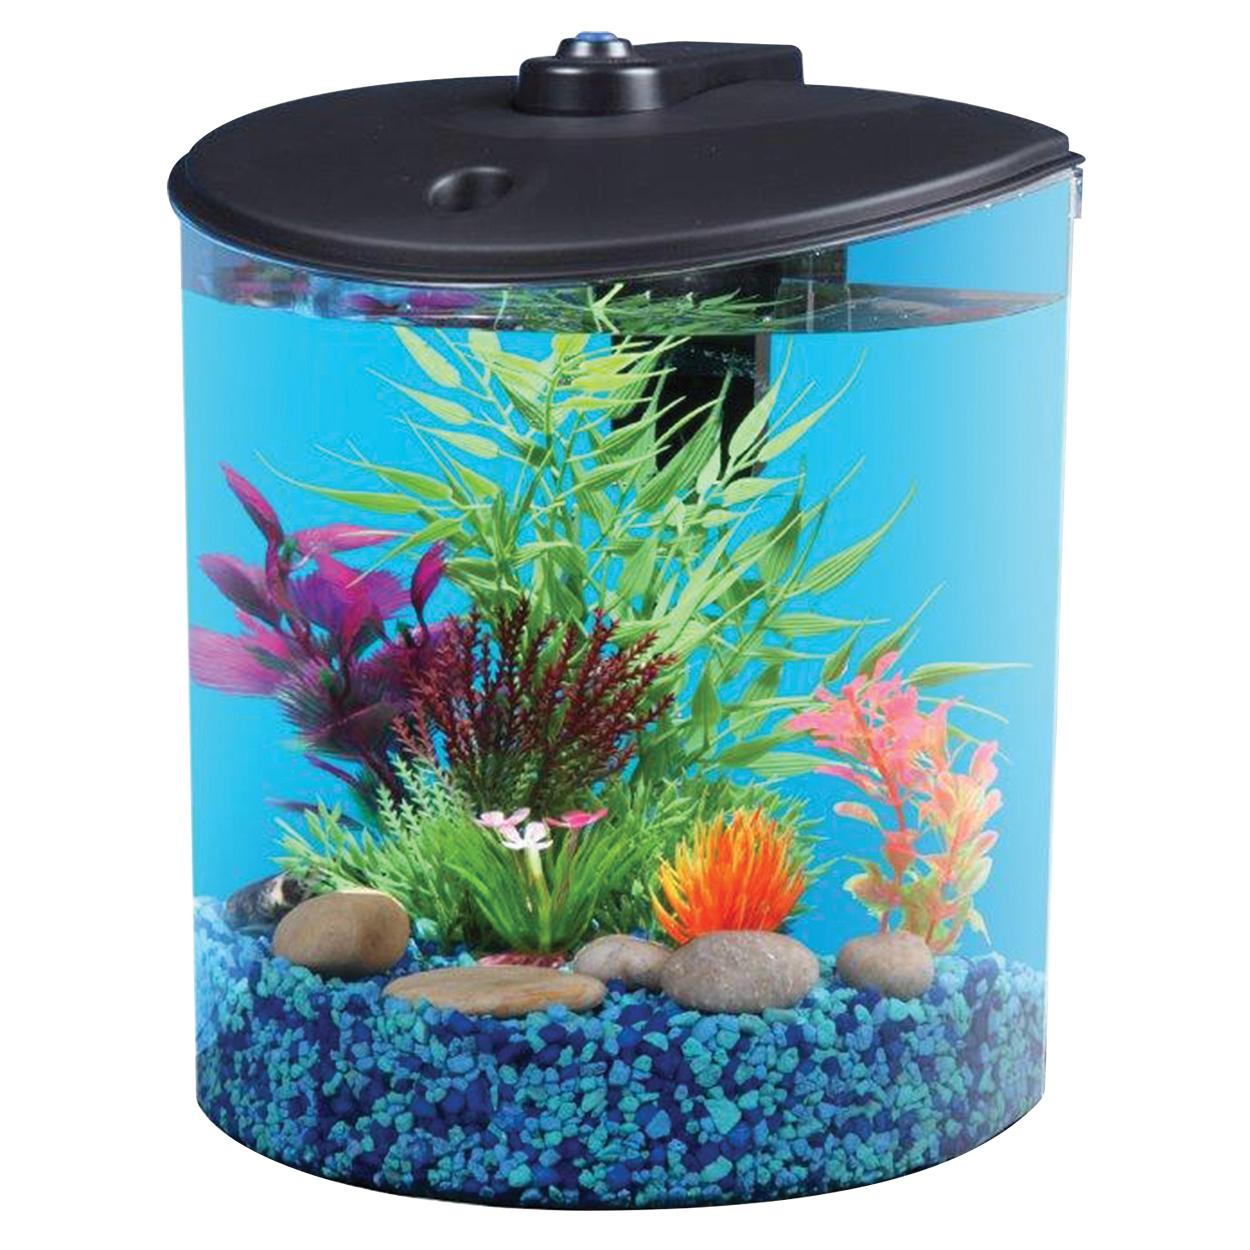 API 180° View Aquarium Kit - 1.5 gal 5897